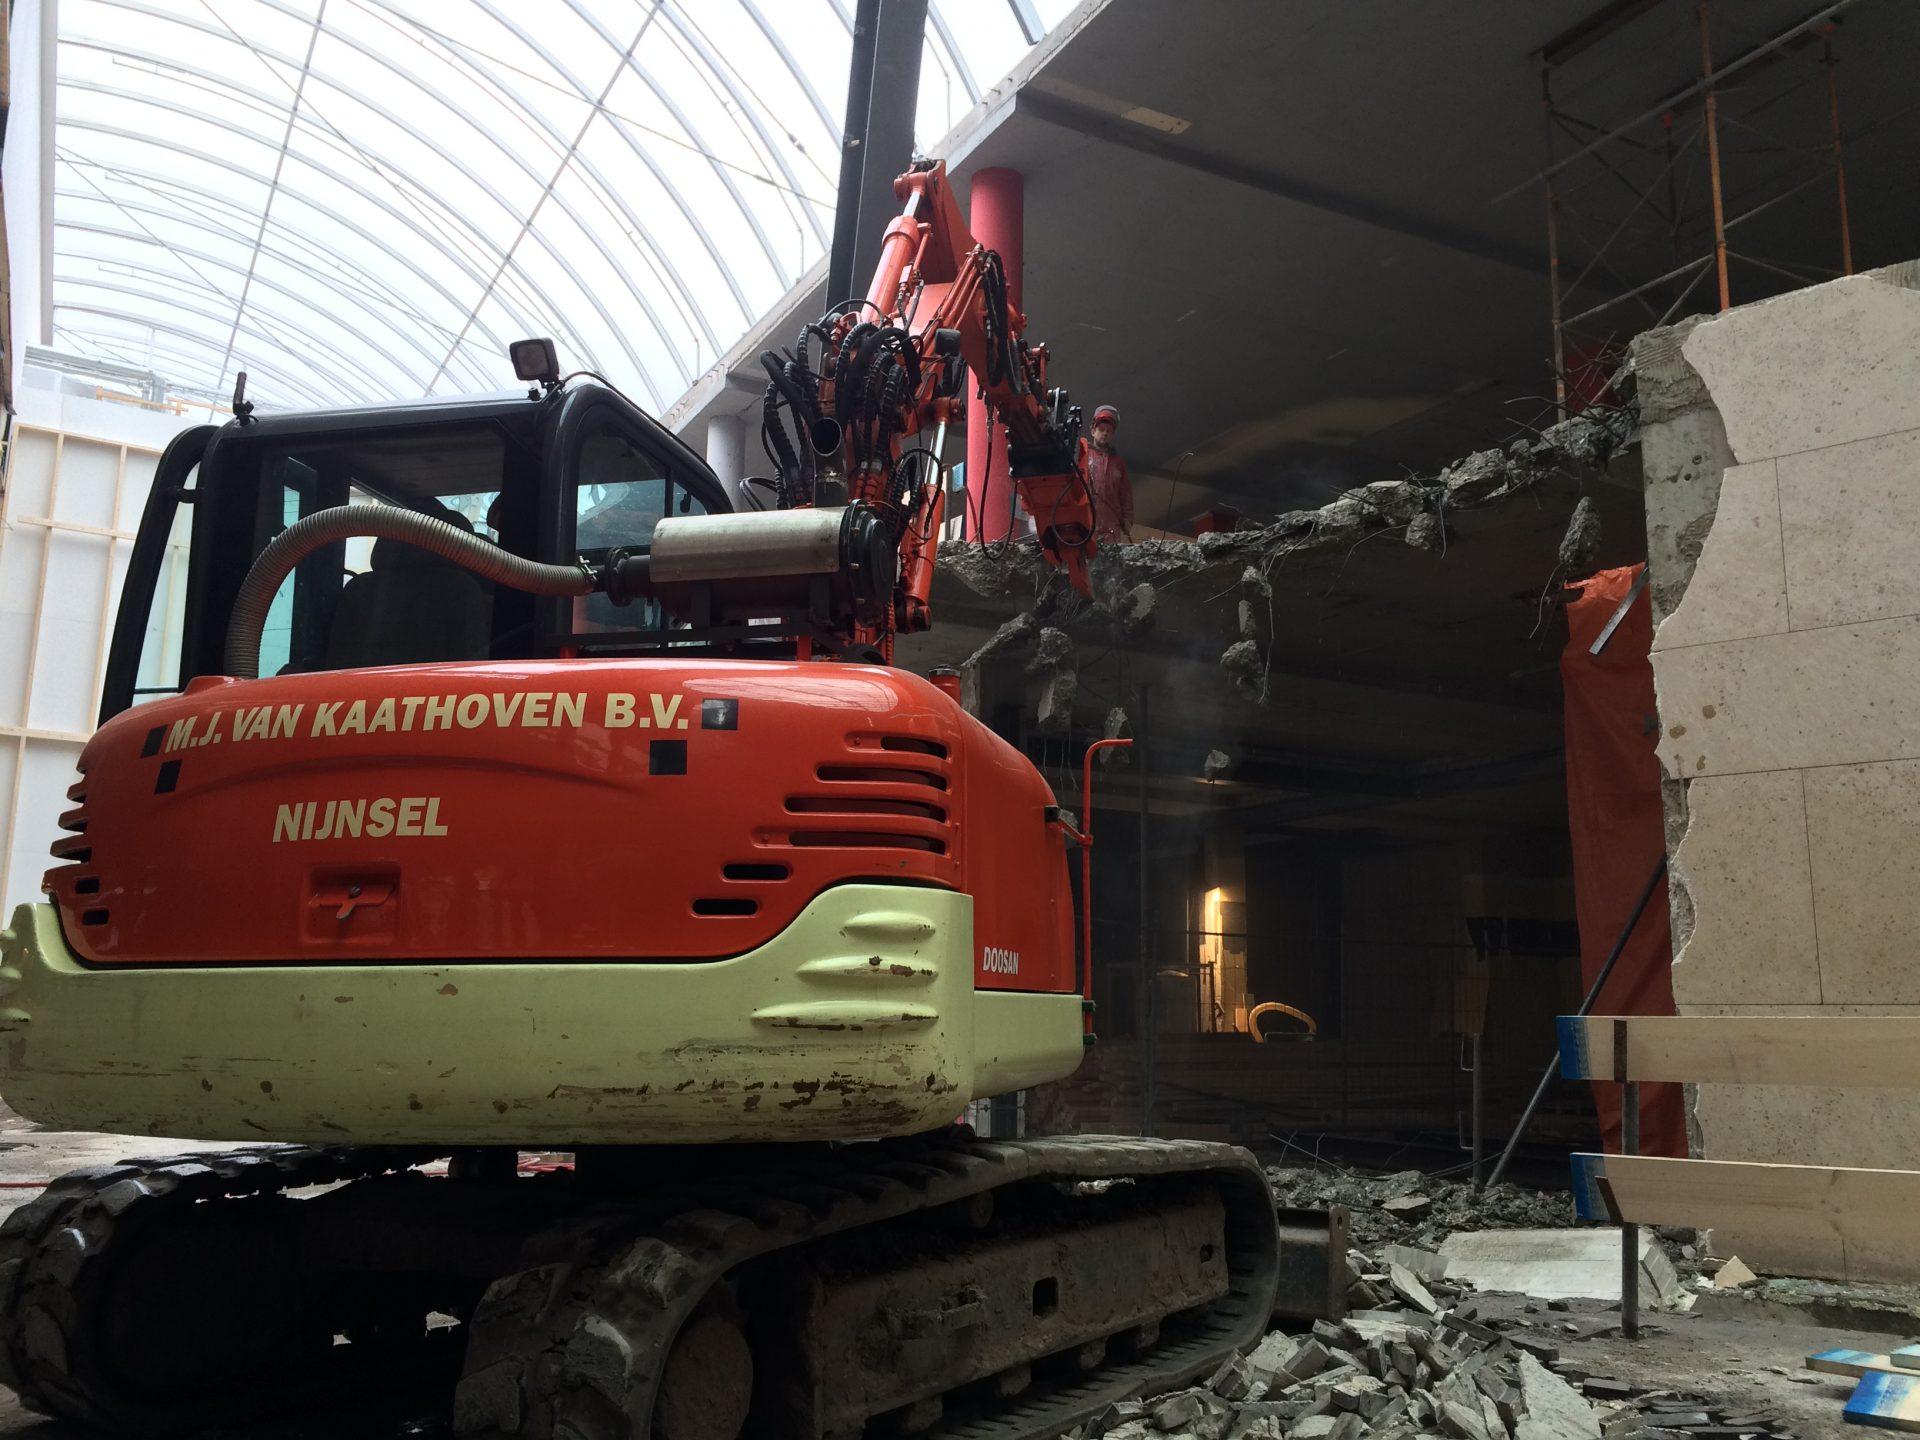 Sloop project renovatie Drievriendenhof Dordrecht | Sloopwerk Van Kaathoven Sint Oedenrode